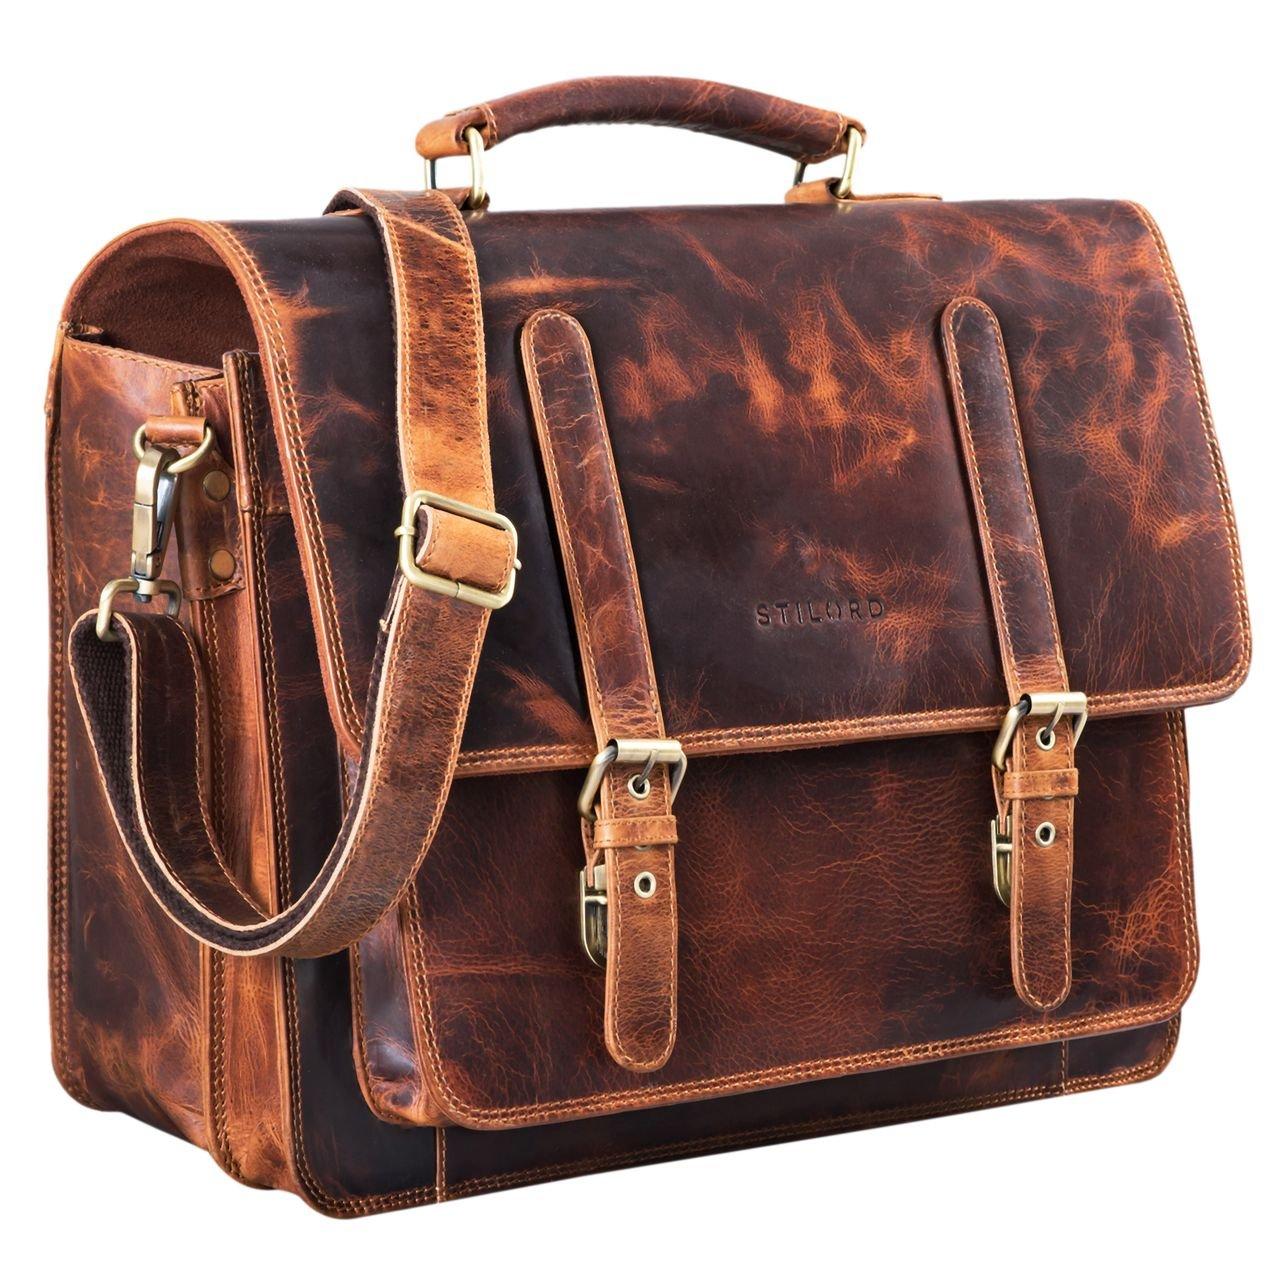 STILORD 'Andro' Lehrer Aktentasche Leder Vintage Umhängetasche mit 14 Zoll Laptop Fach Businesstasche für breite DIN A4 Akten Ordner aus echtem Leder, Farbe:dunkel - braun